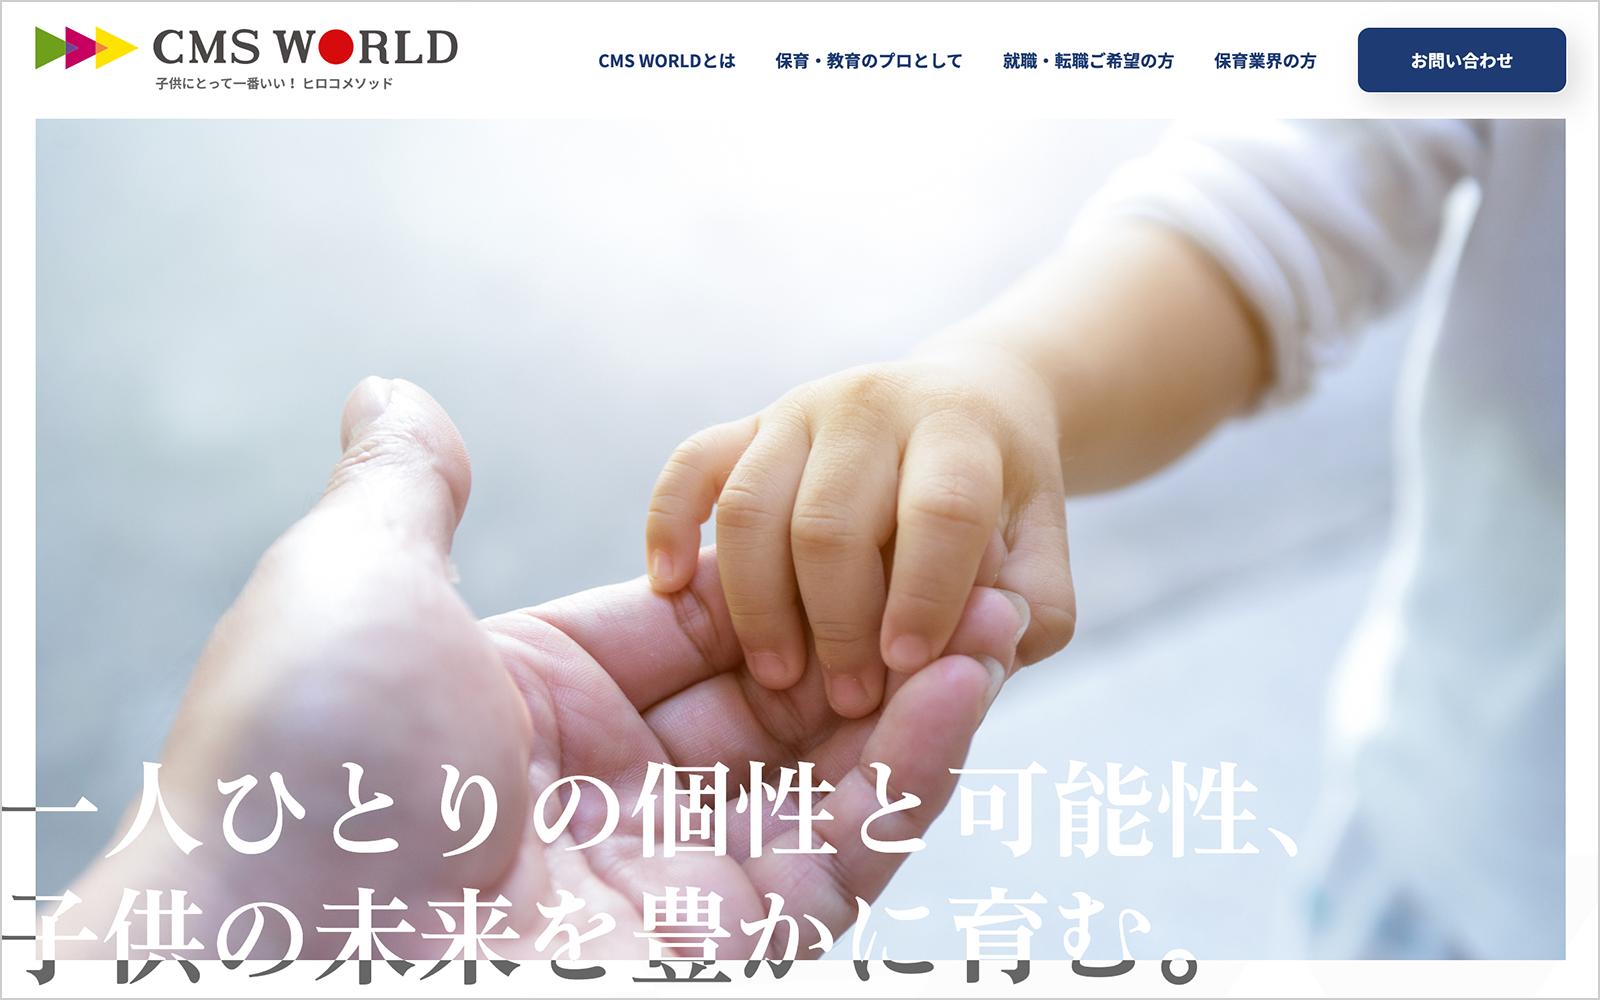 CMS WORLD 企業サイト